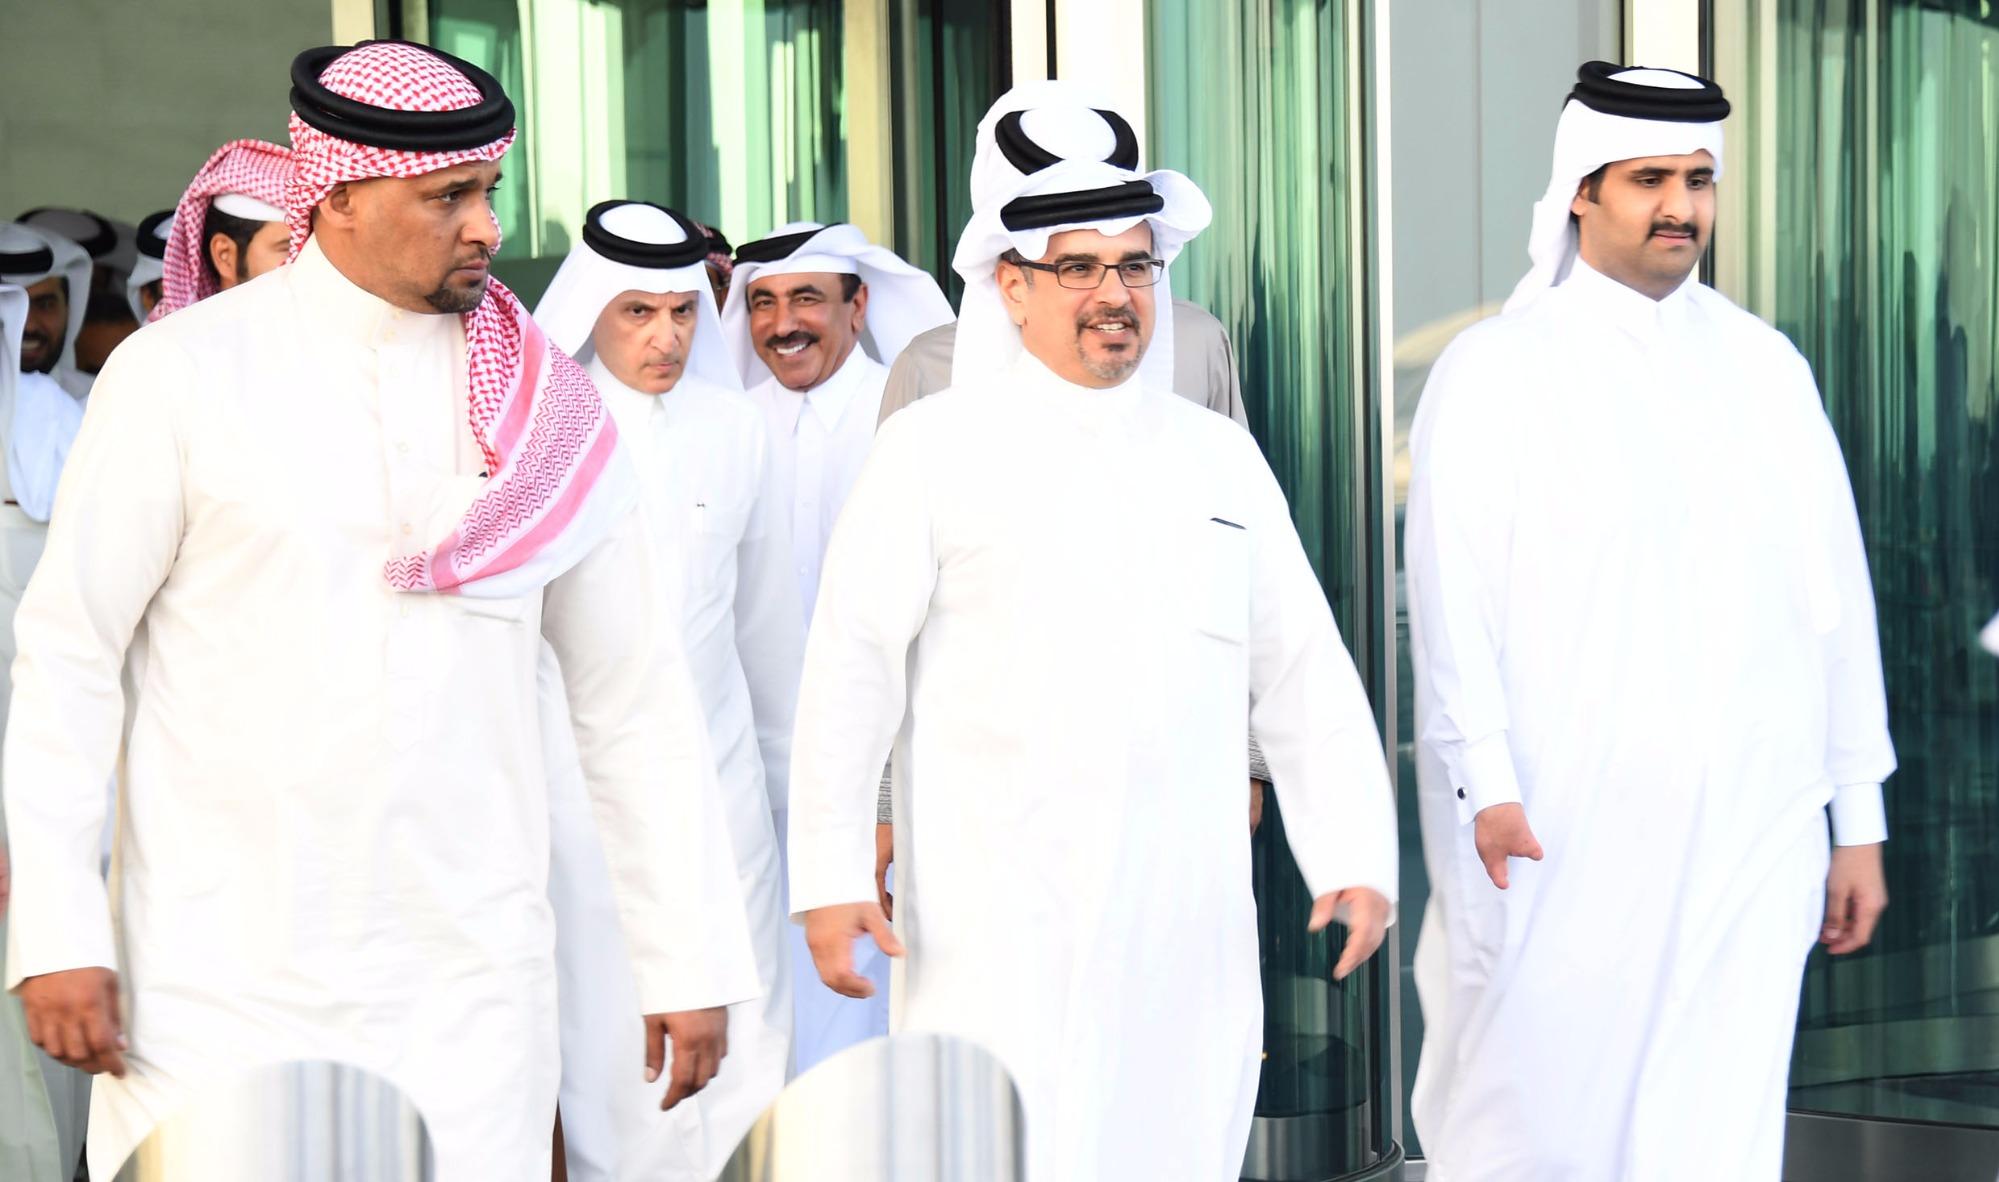 سمو ولي العهد لدى زيارته مطار حمد الدولي في قطر أمس